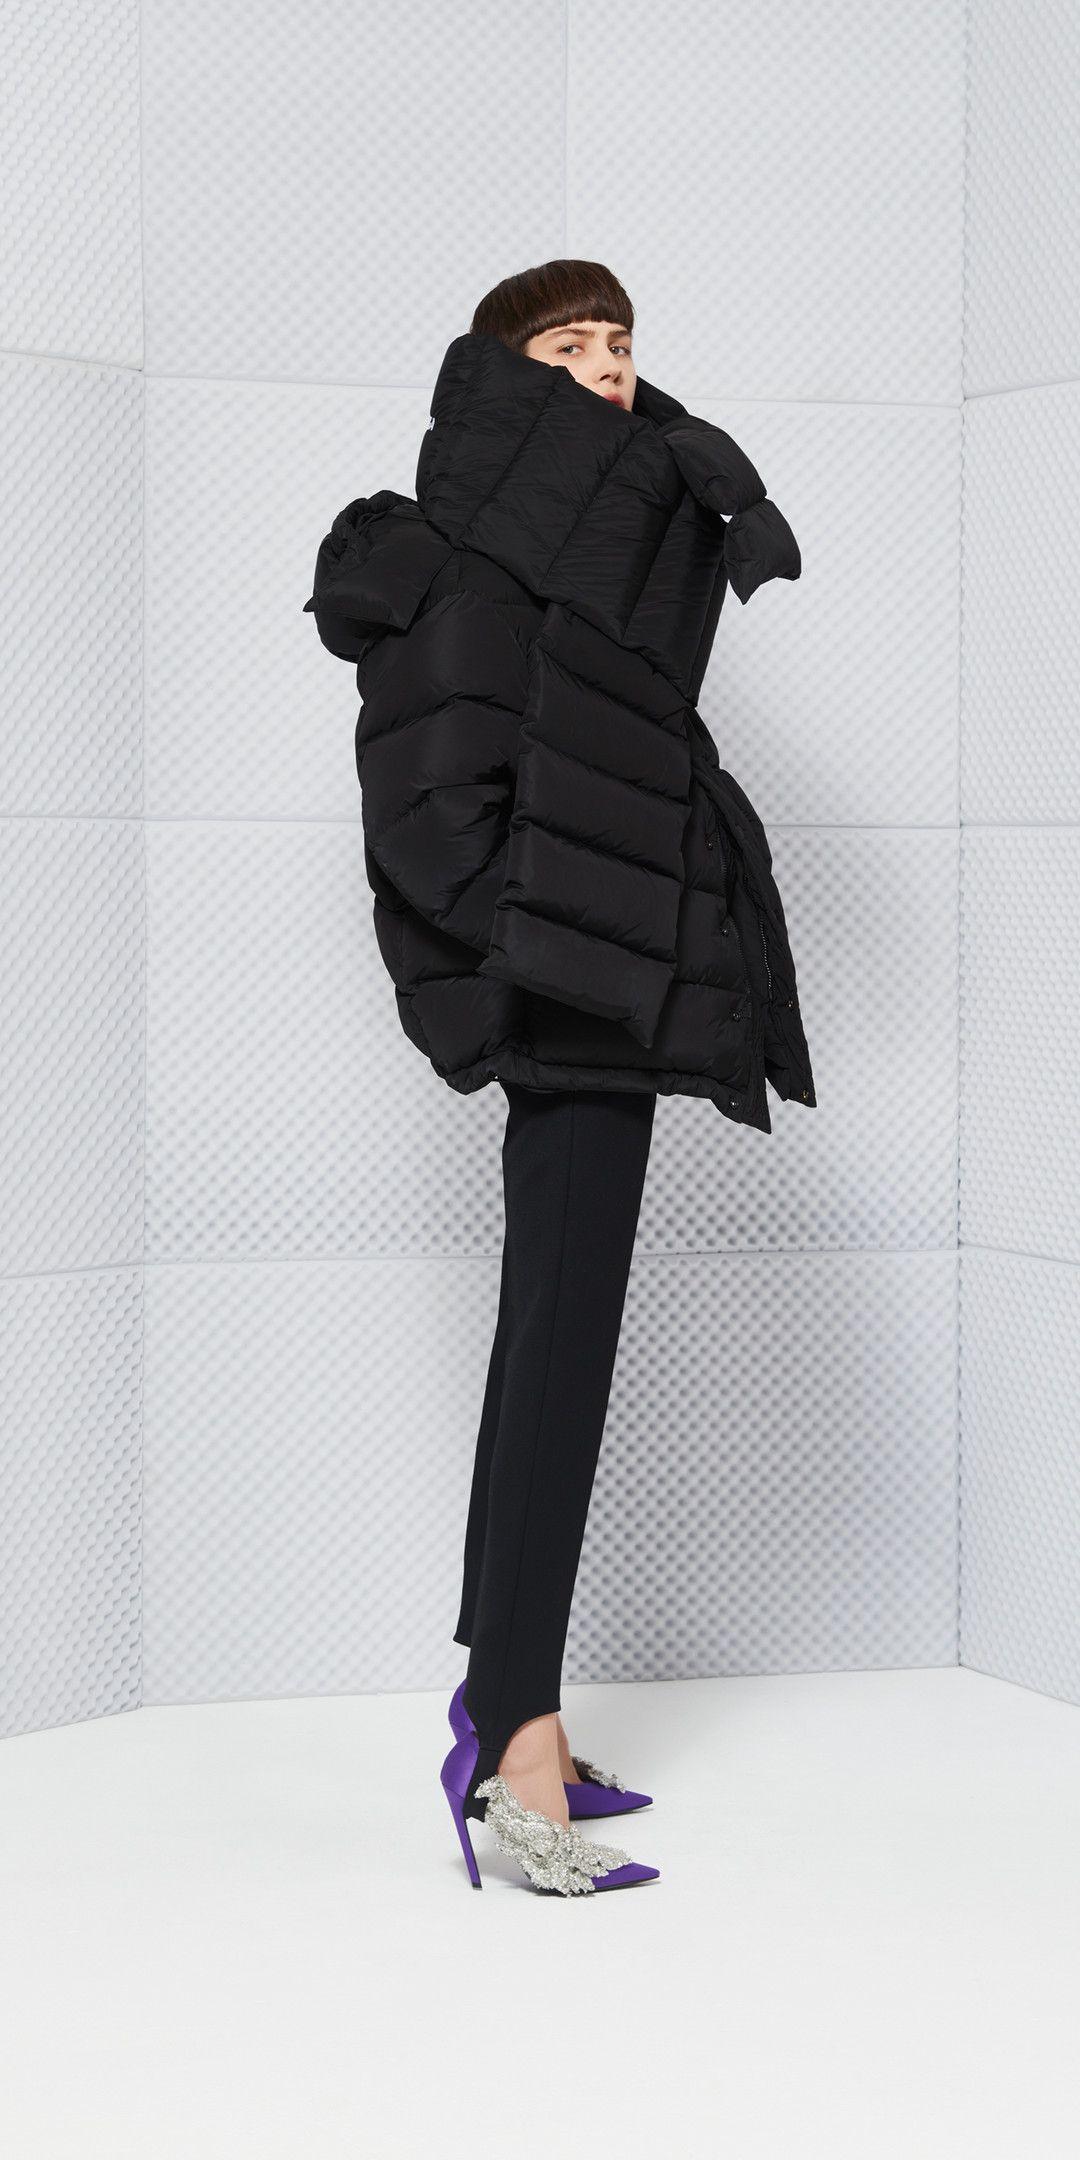 Balenciaga Manteau Doudoune pour Femme   Balenciaga